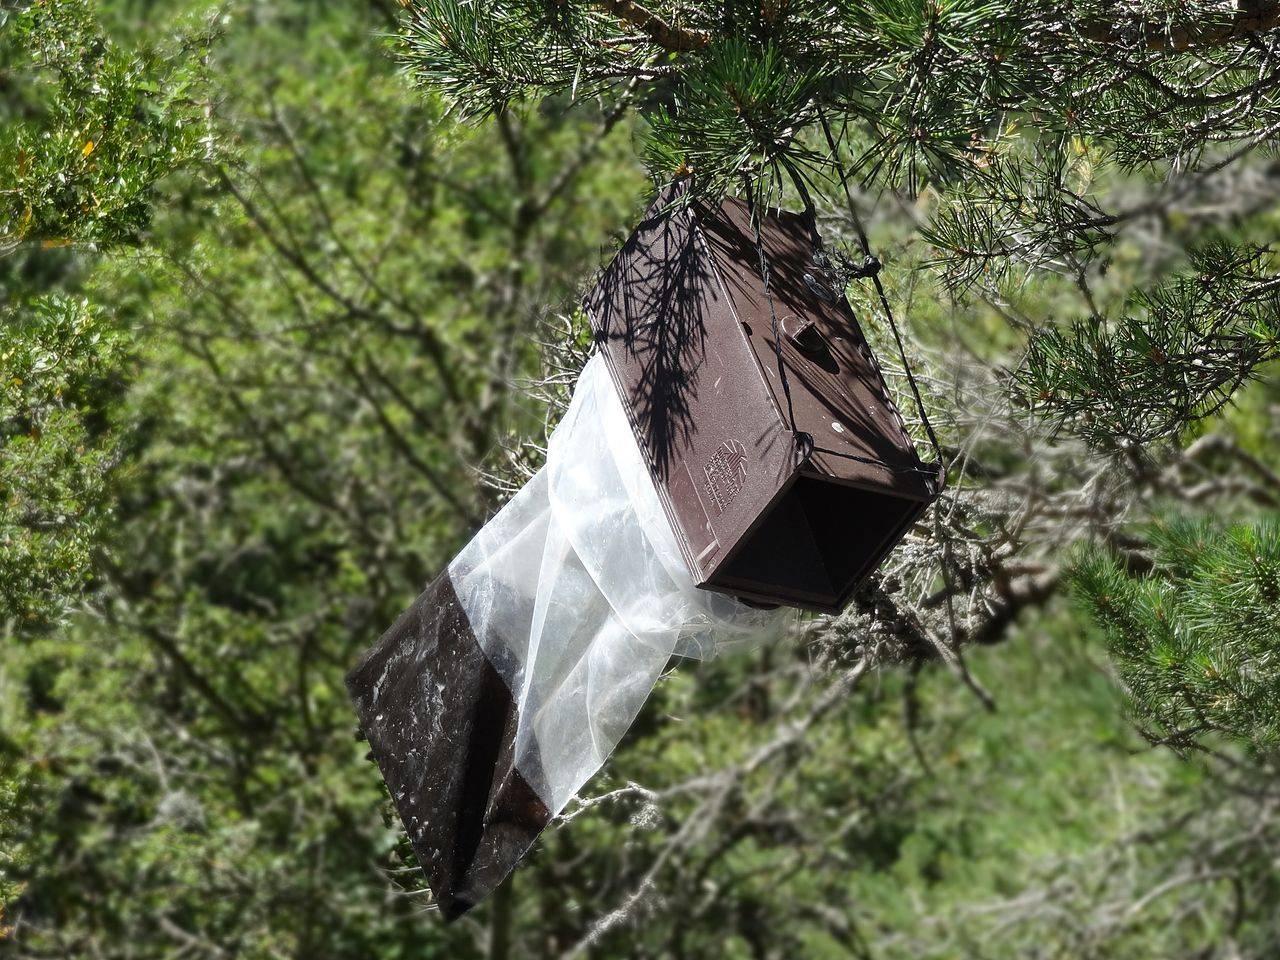 trampa para orguna procesionaria en Navarra - Tratamiento fitosanitario contra la procesionaria de los pinos